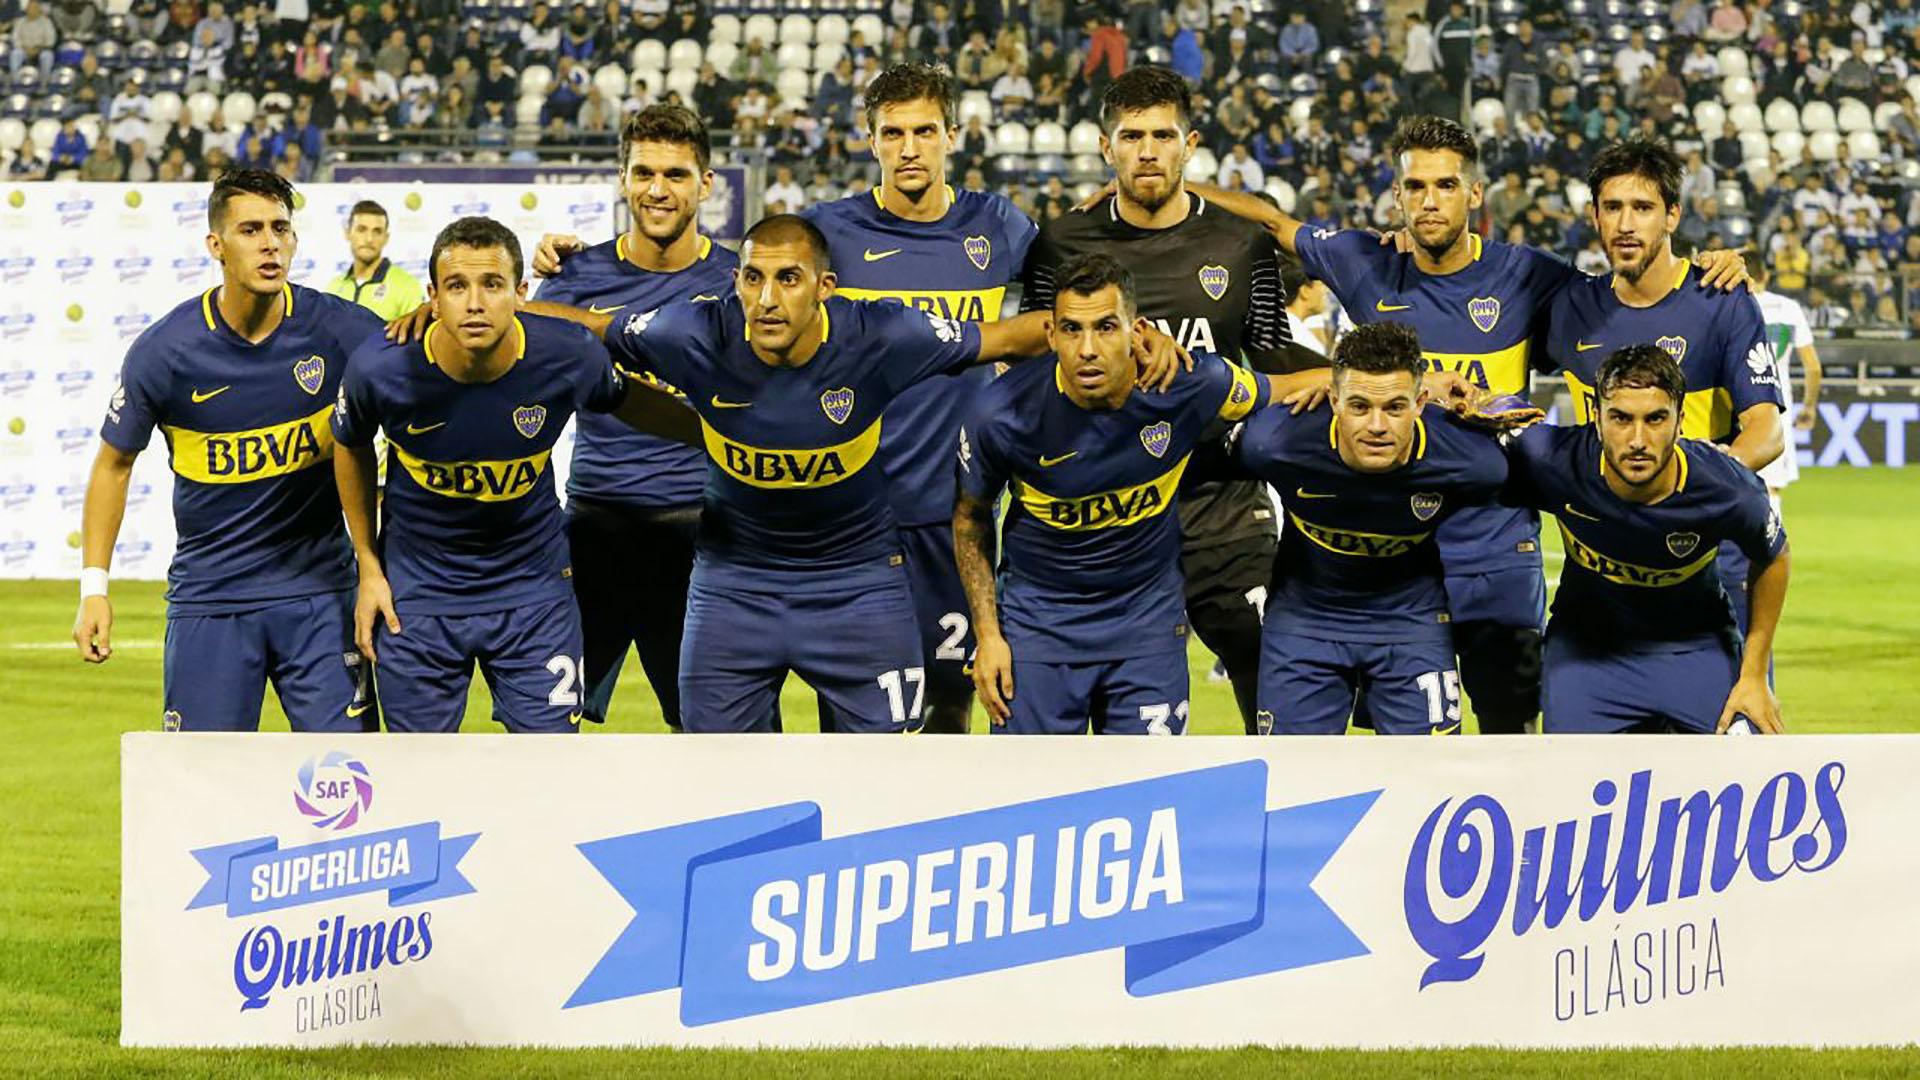 La formación de Boca ante Gimnasia en La Plata (Foto: Nicolás Aboaf)